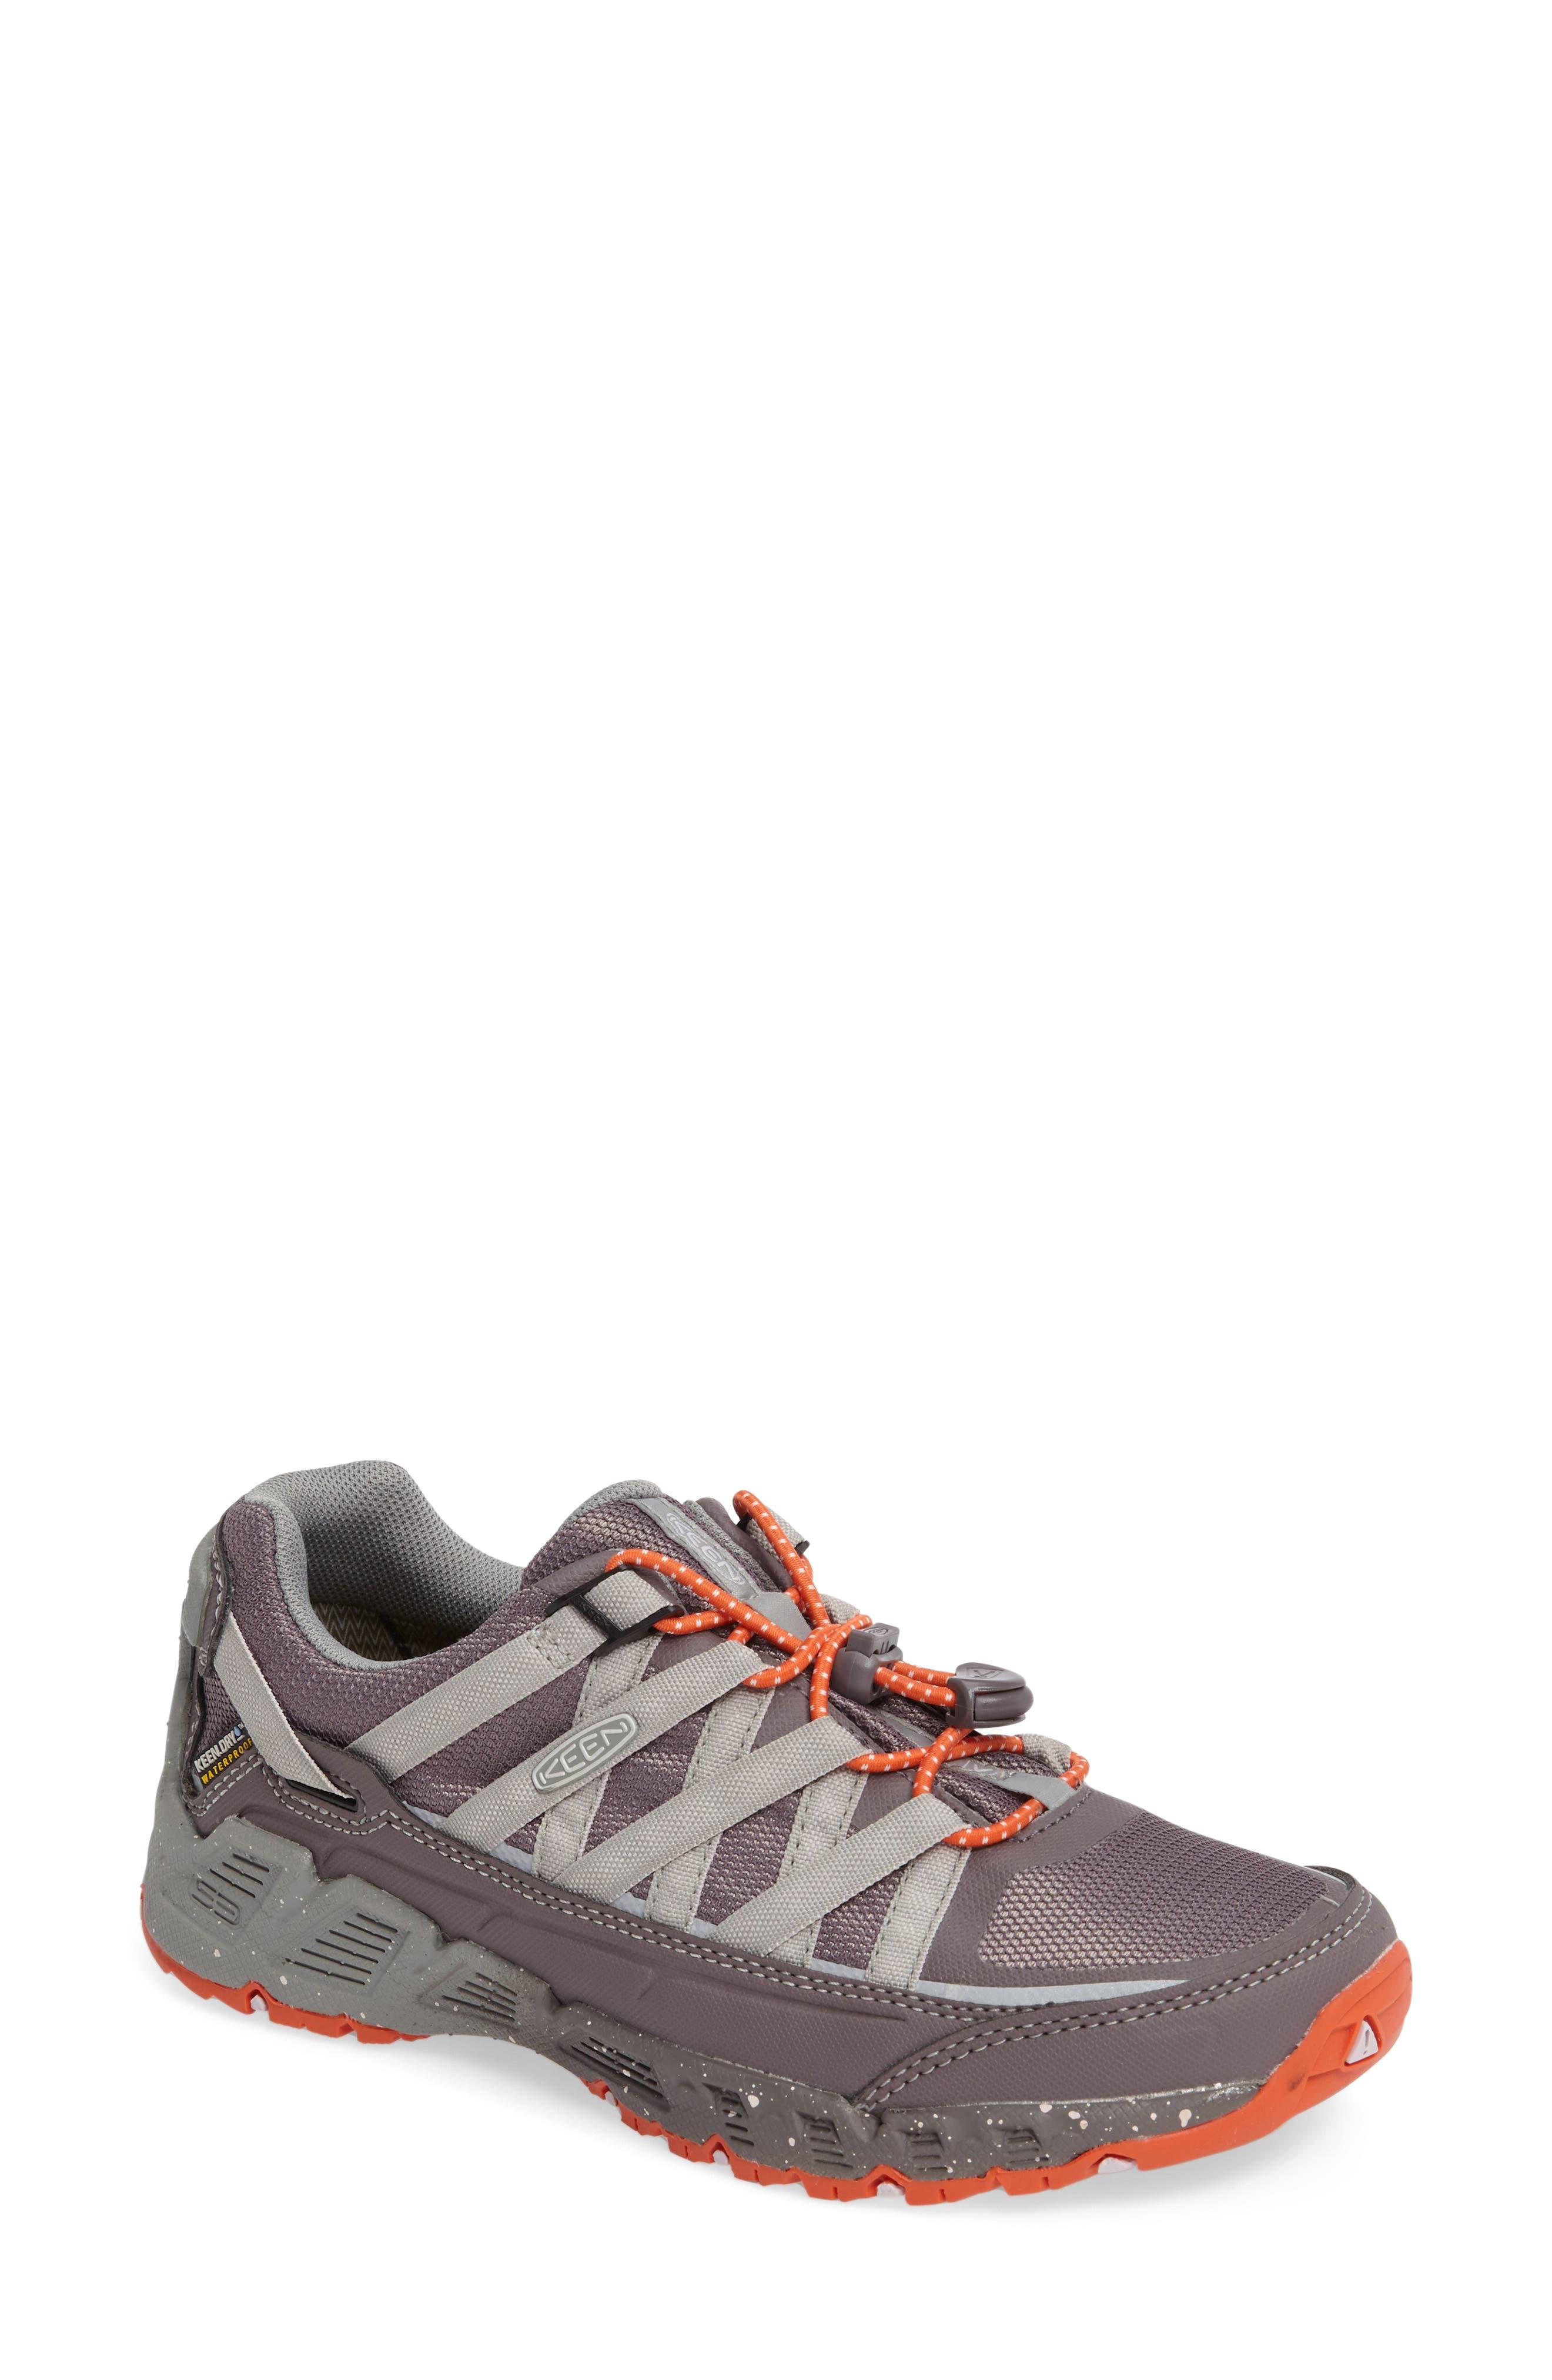 Alternate Image 1 Selected - Keen 'Versatrail' Waterproof Hiking Shoe (Women)